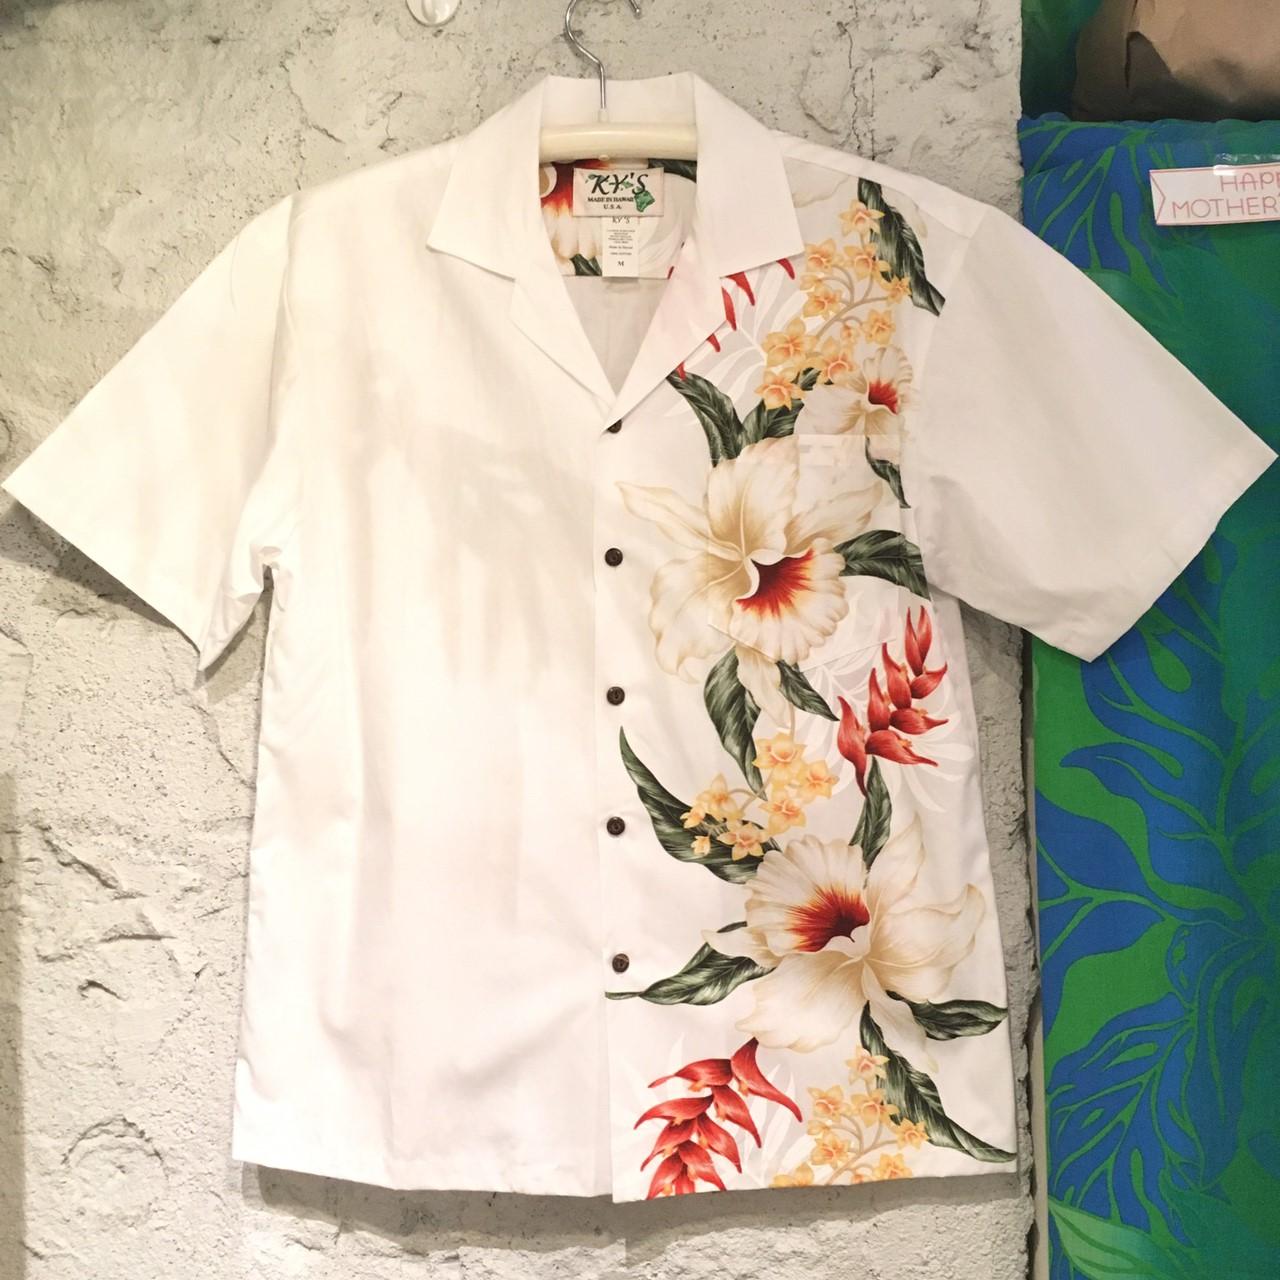 Mensアロハシャツ /サイドフラワー/オーキッドWH